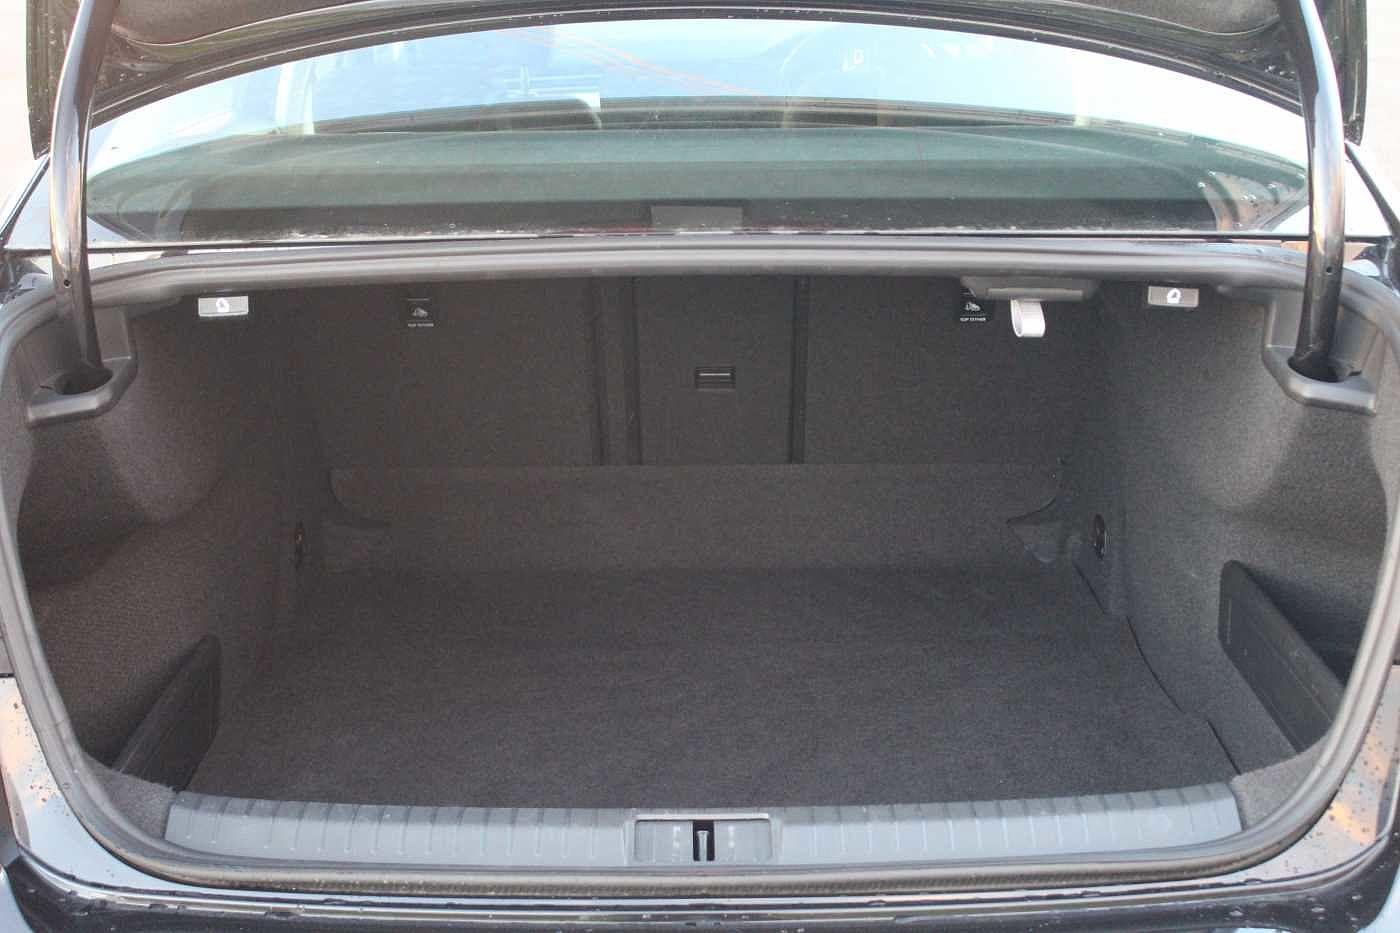 Volkswagen Passat 1.6 TDI SE (120 PS)